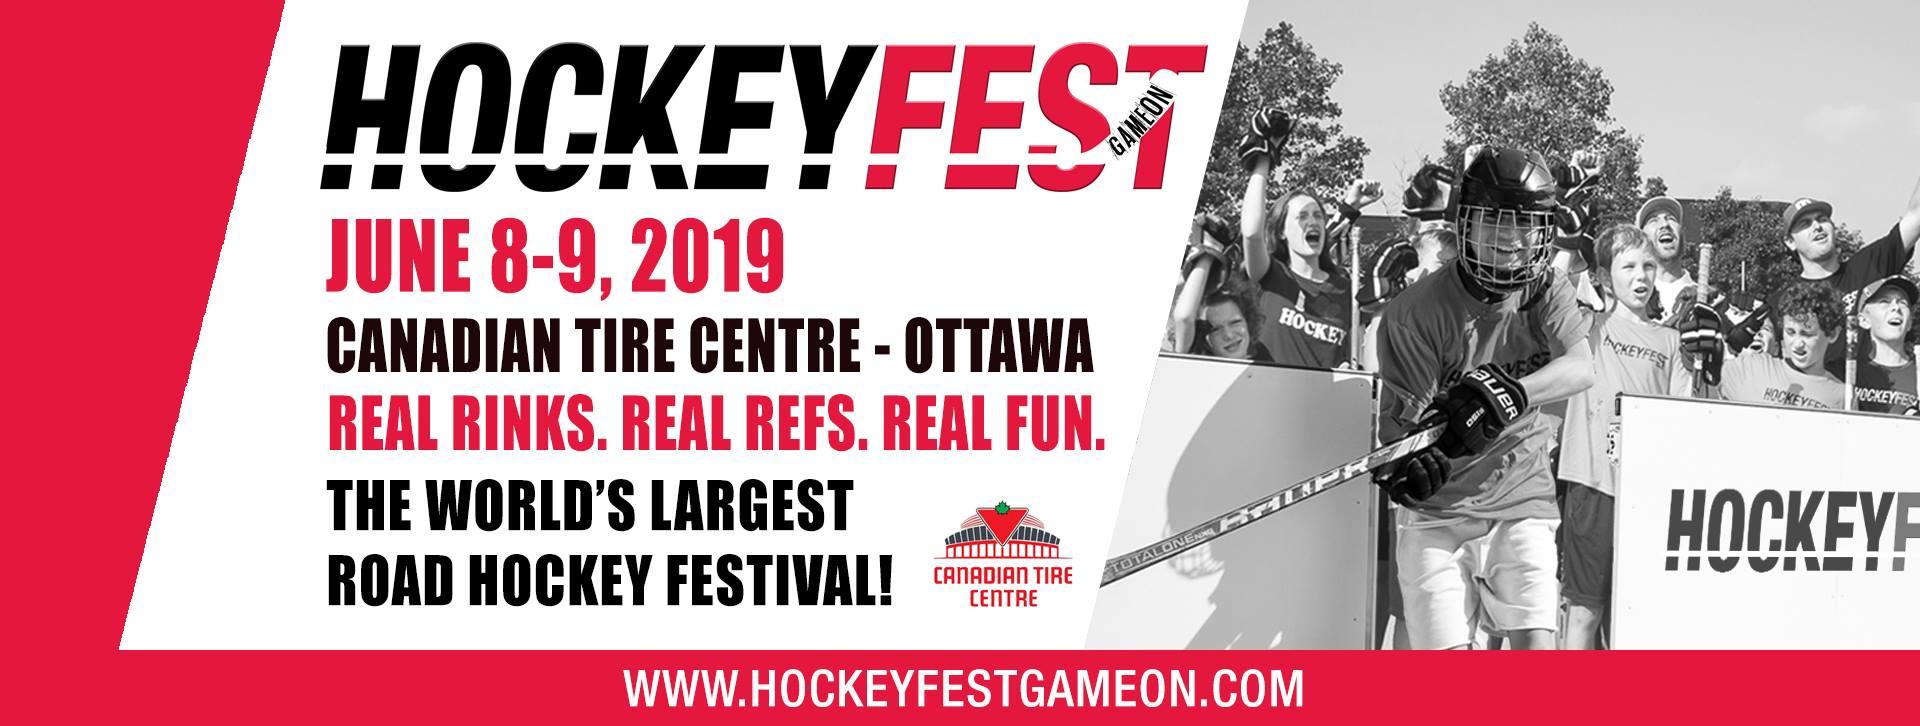 Hockeyfest Game On Covert Ottawa Guy